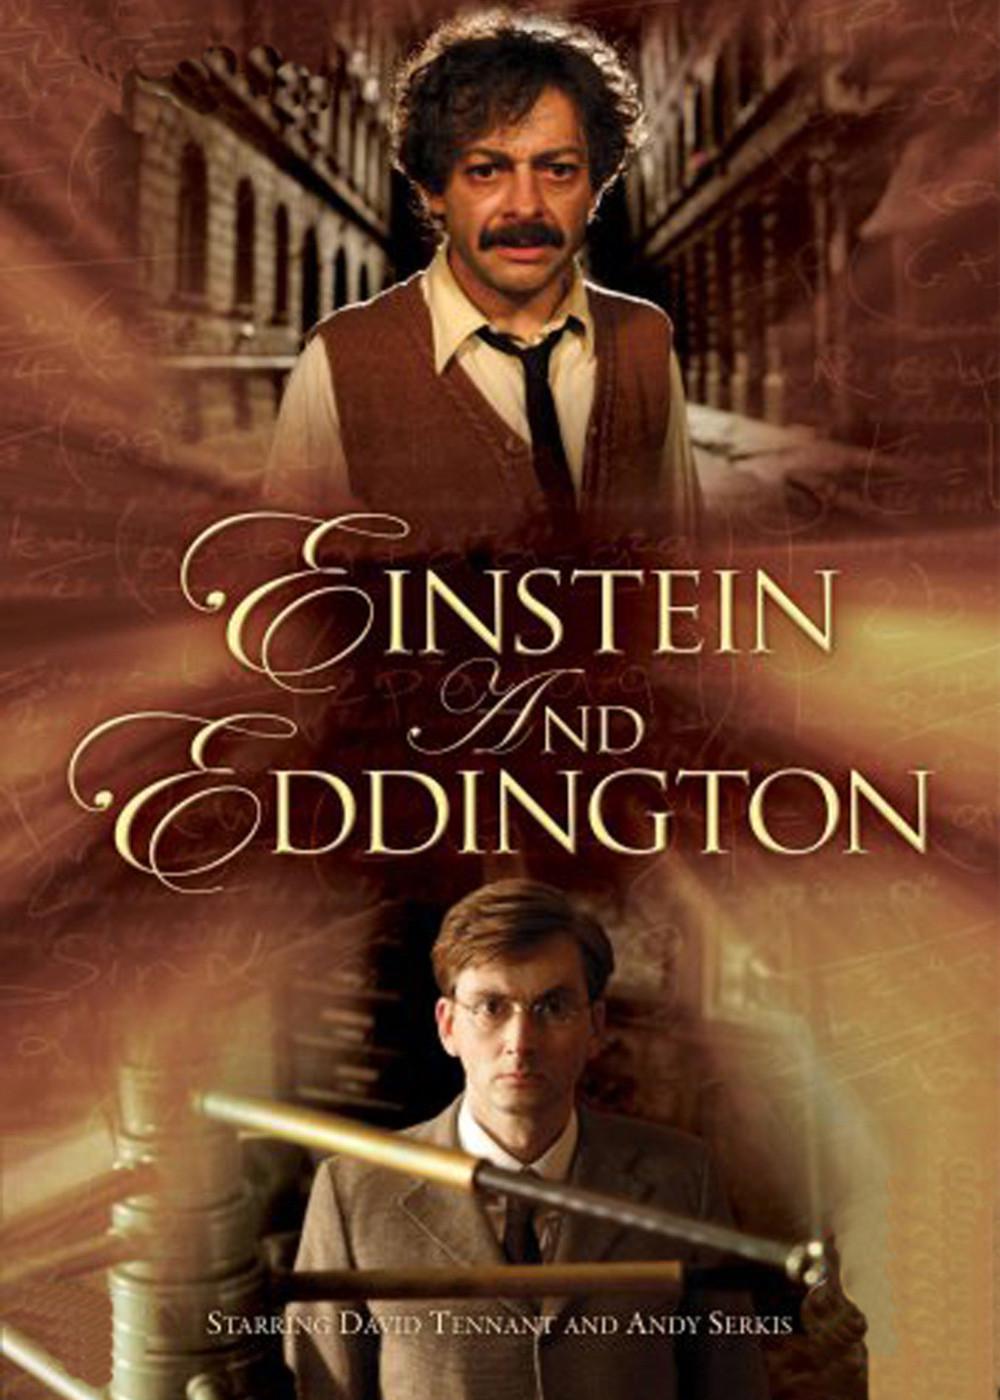 爱因斯坦与爱丁顿